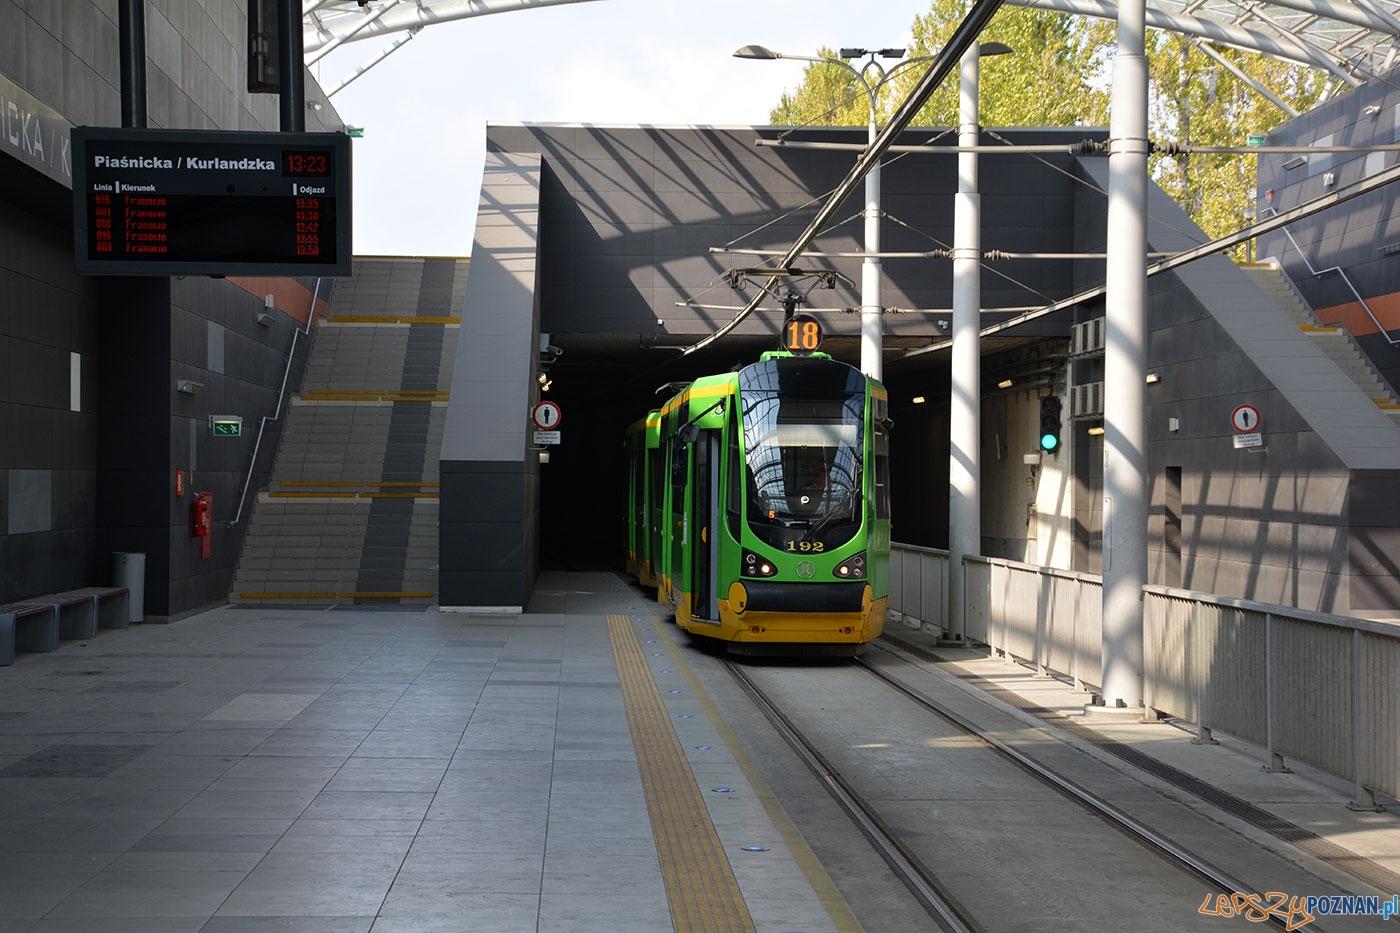 Tramwaj - Tunel Franowo  Foto: Poznańskie Inwestycje Miejskie